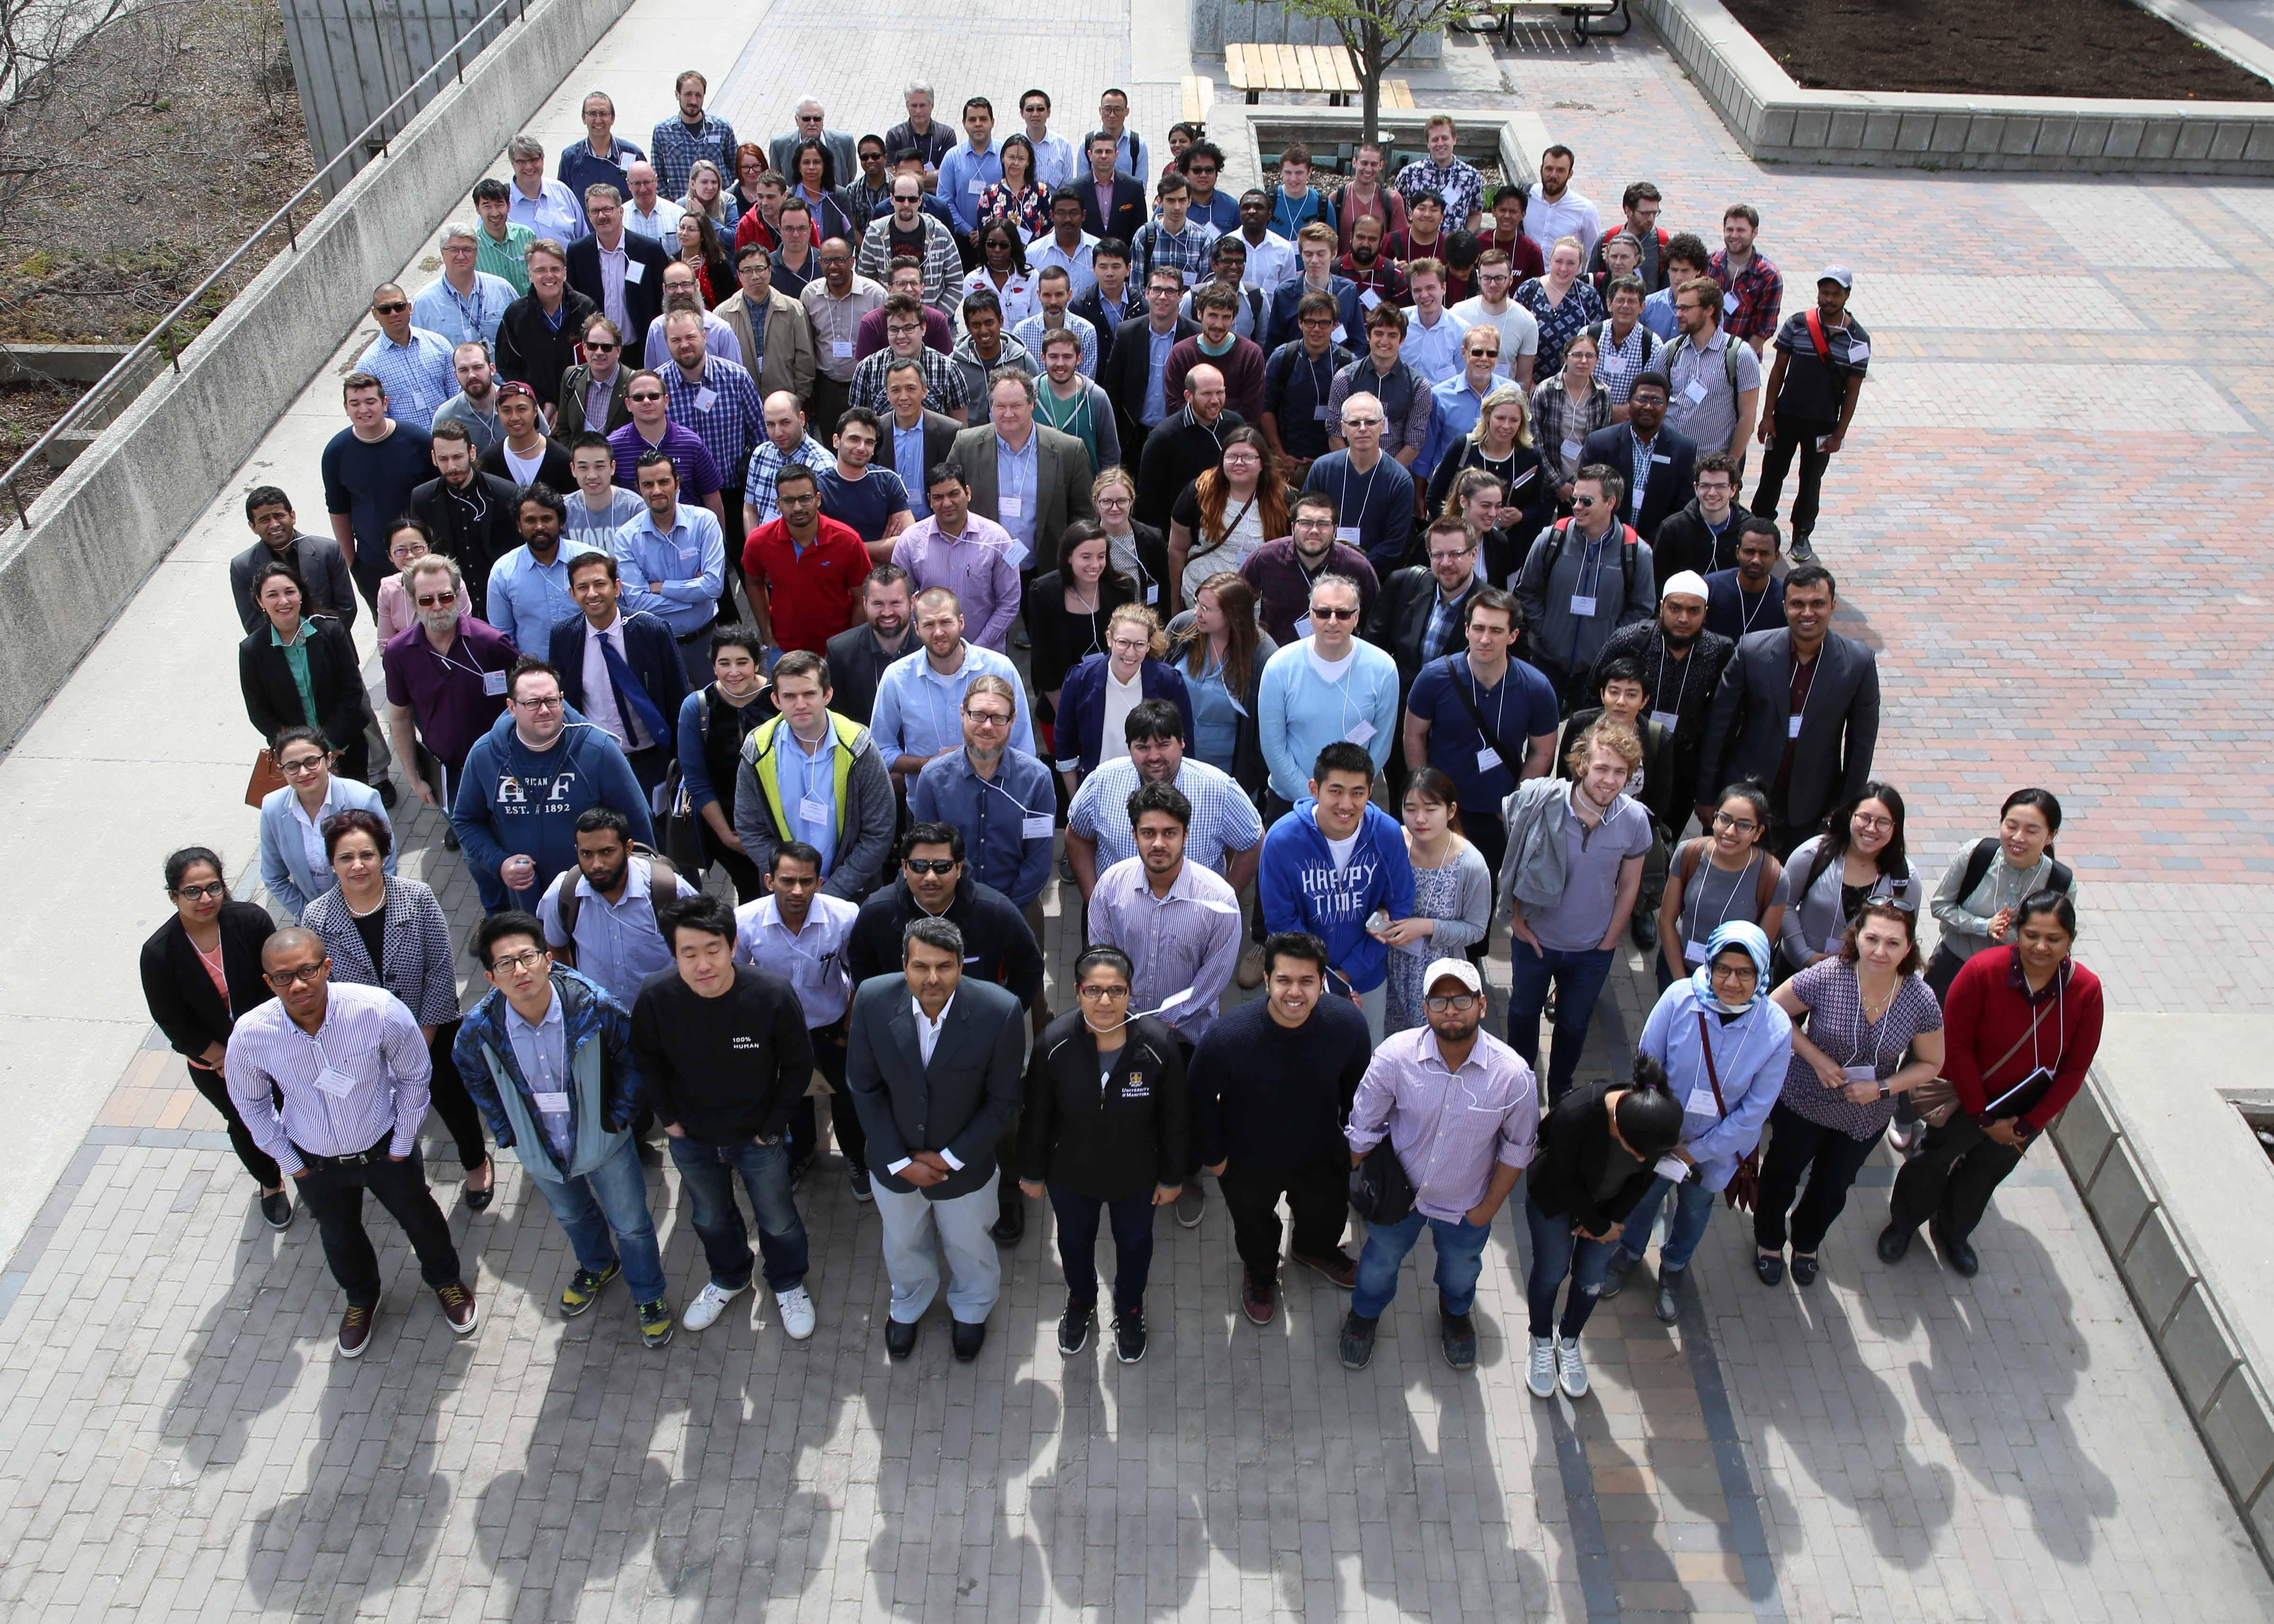 MMC 2018 attendees